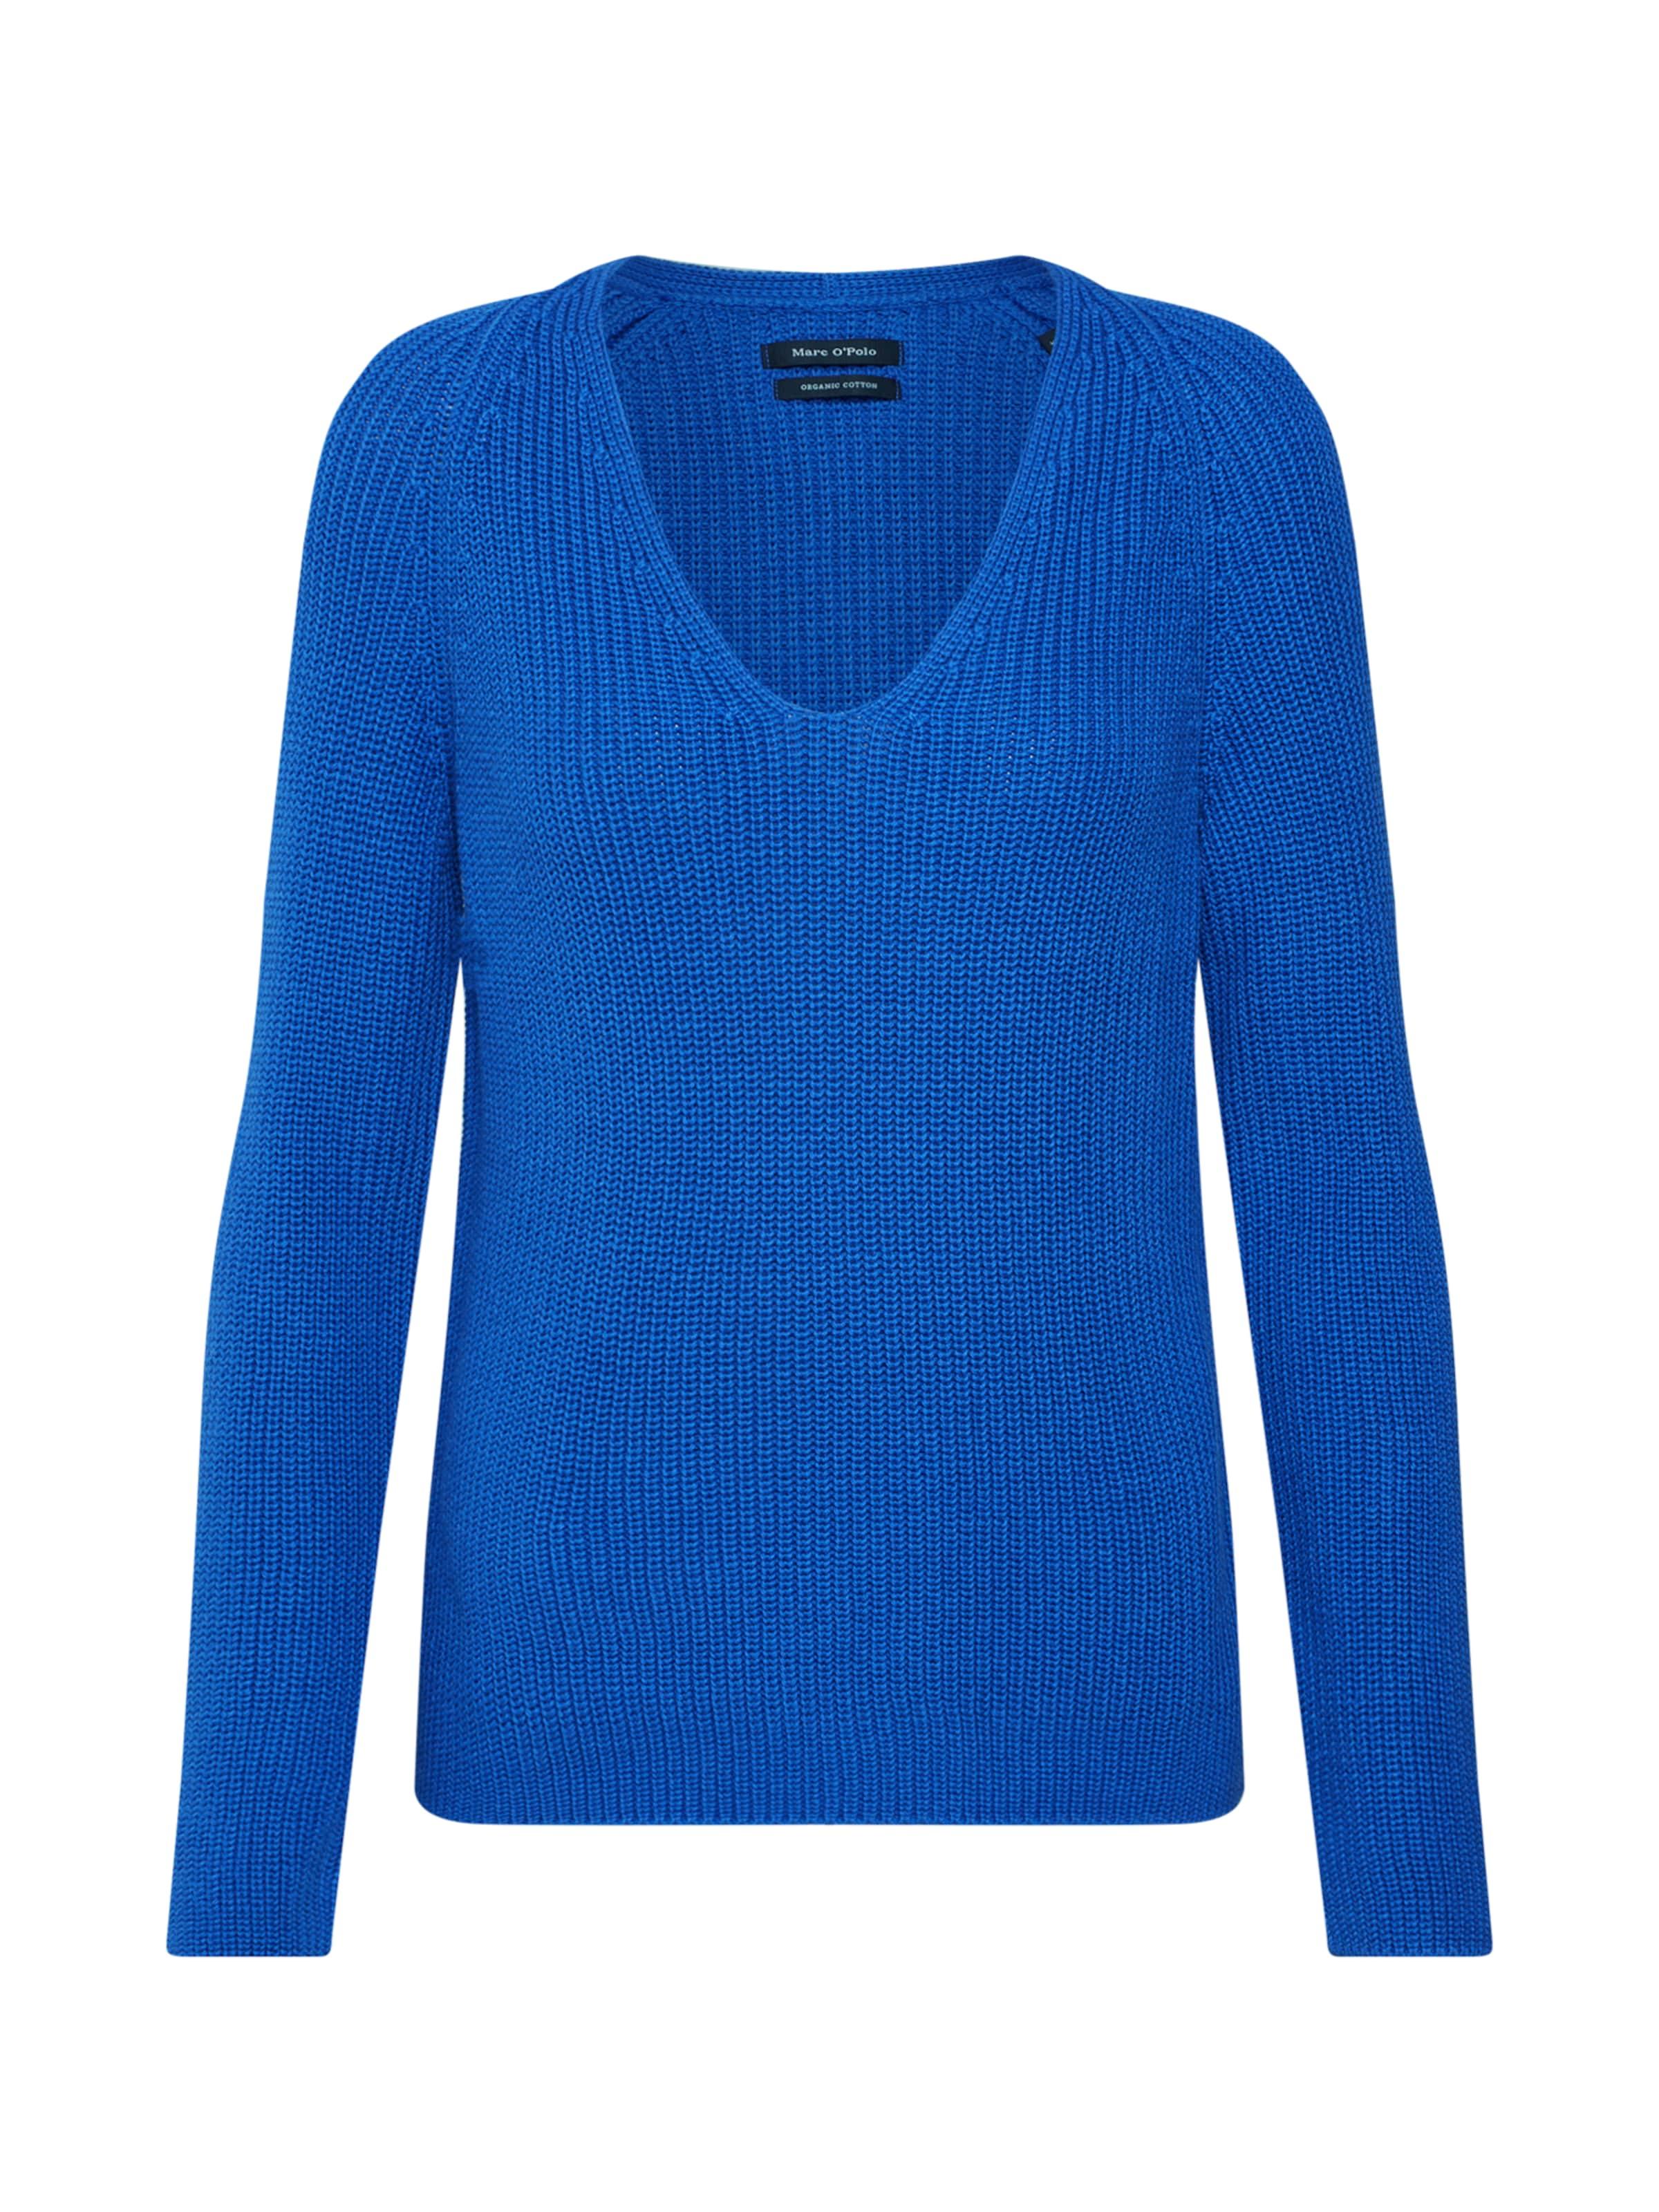 Marc O'polo 'pullover over Bleu Sleeve' Long Roi Pull En OPwn0k